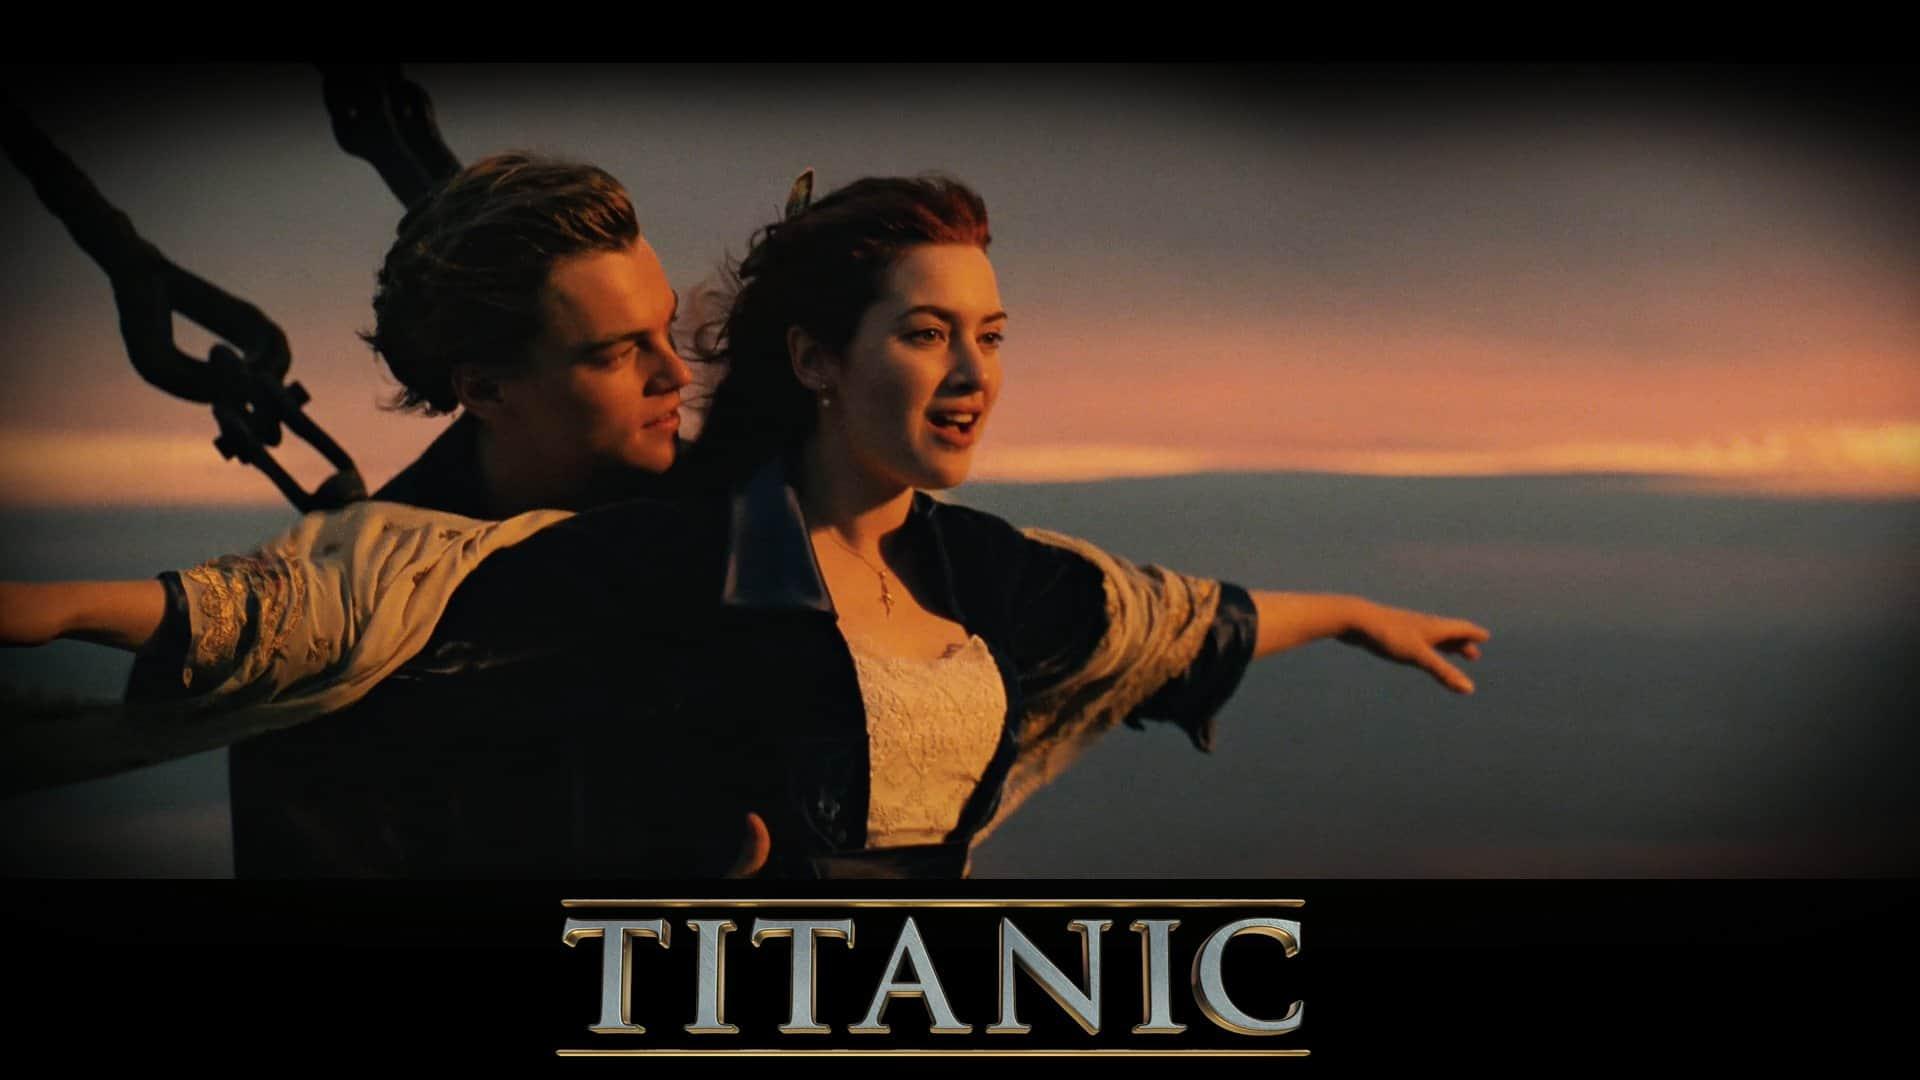 Dünyanın En Çok Hasılat Yapan Mükemmel Filmleri